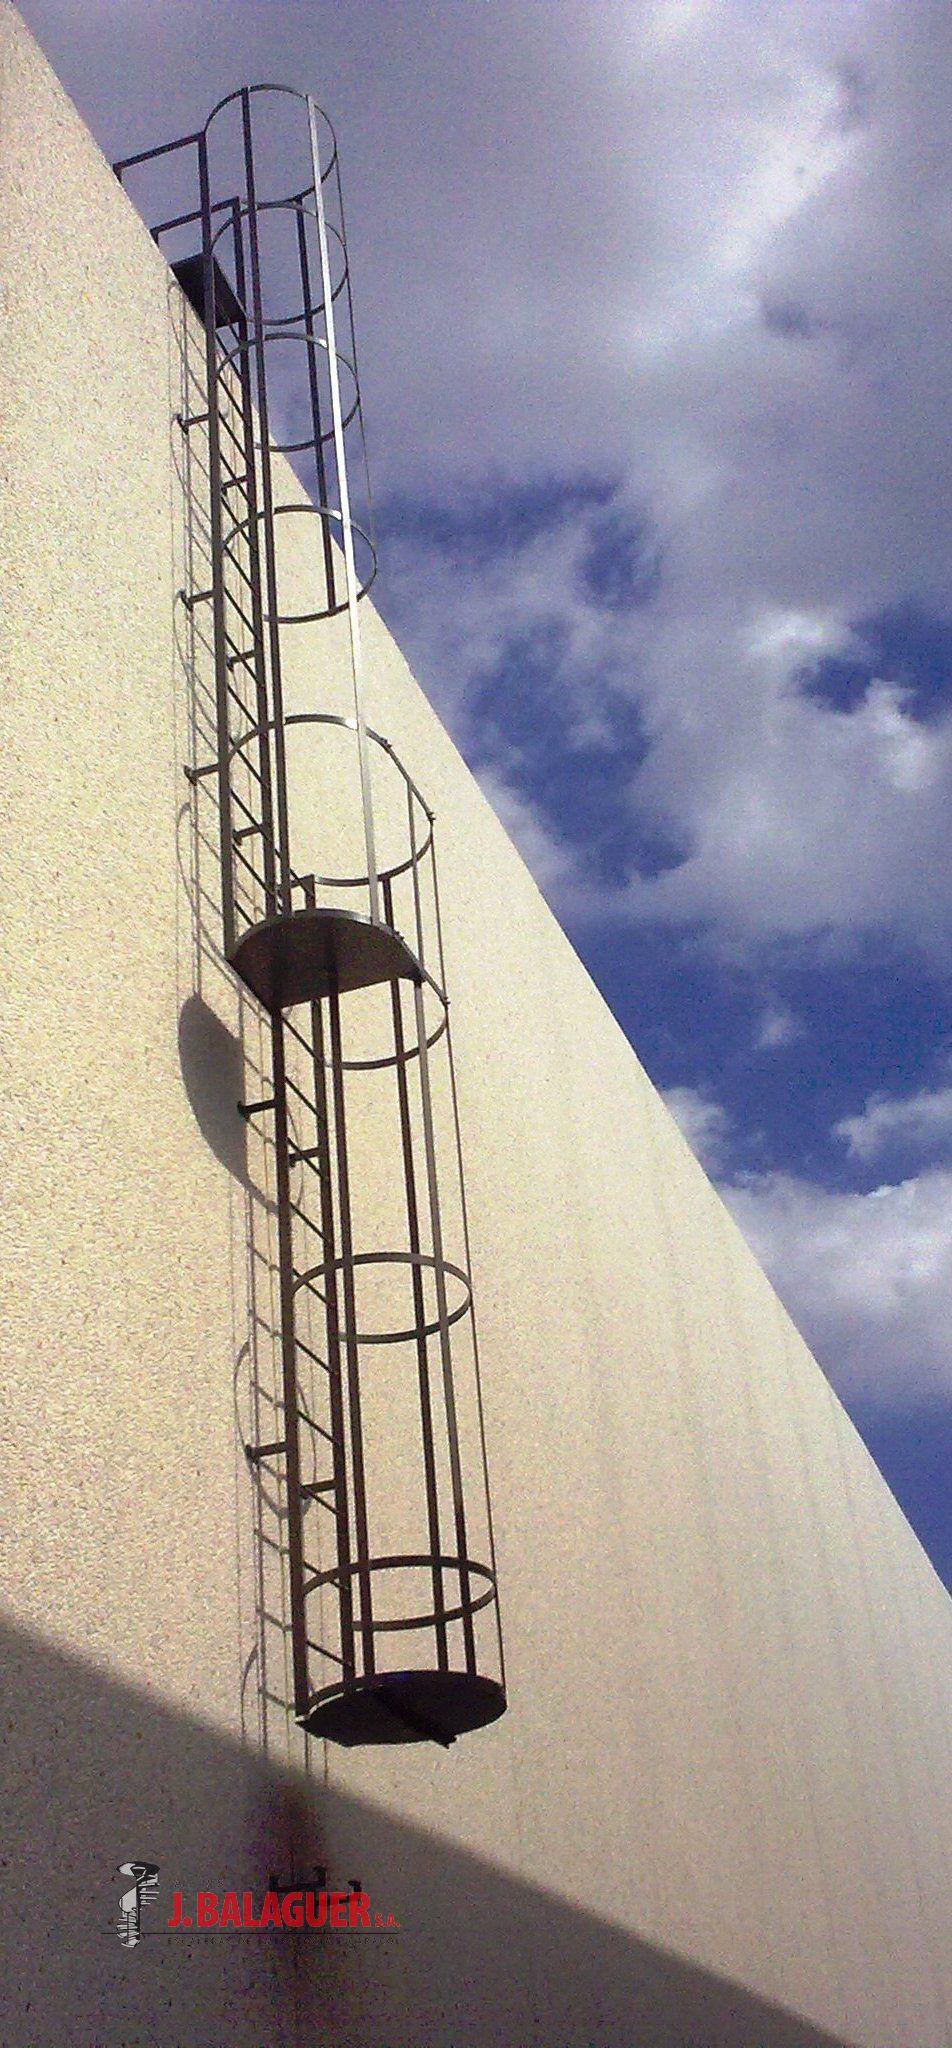 Colecci n escaleras acceso vertical escaleras balaguer for Escaleras de emergencia